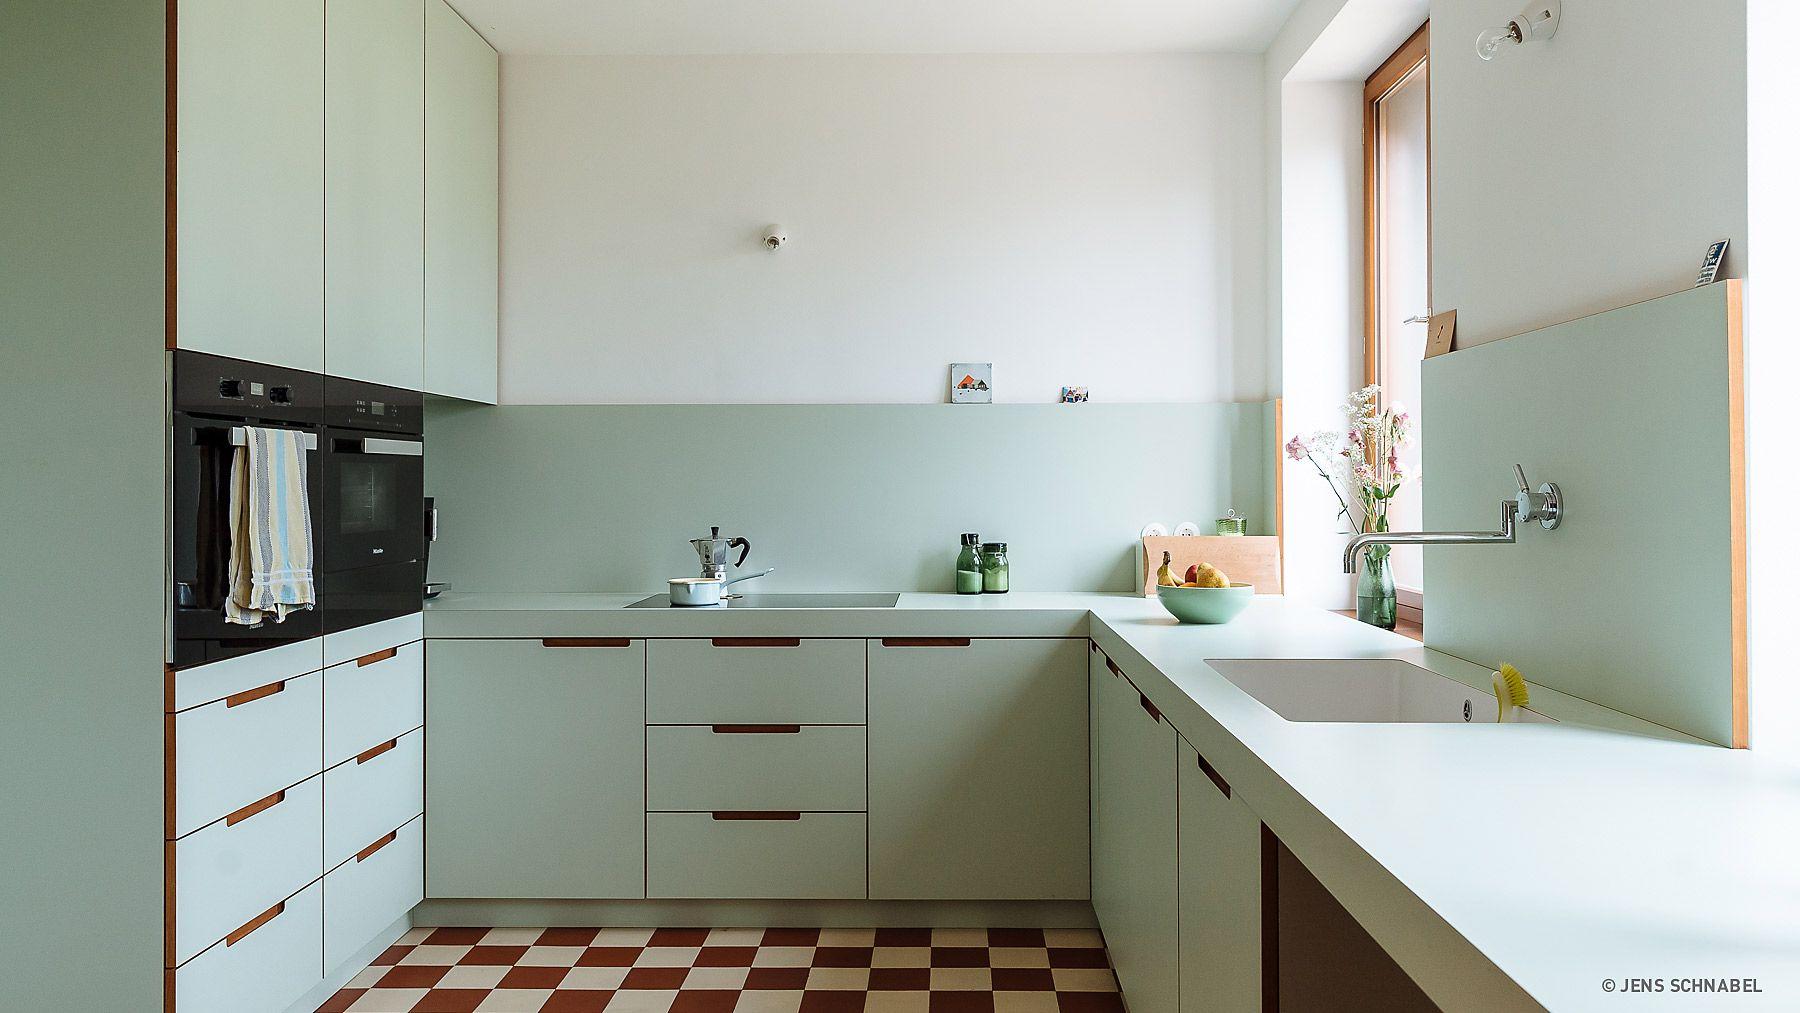 4architekten SEP-RUF-HAUS • Jens Schnabel Fotografie & Gestaltung ...